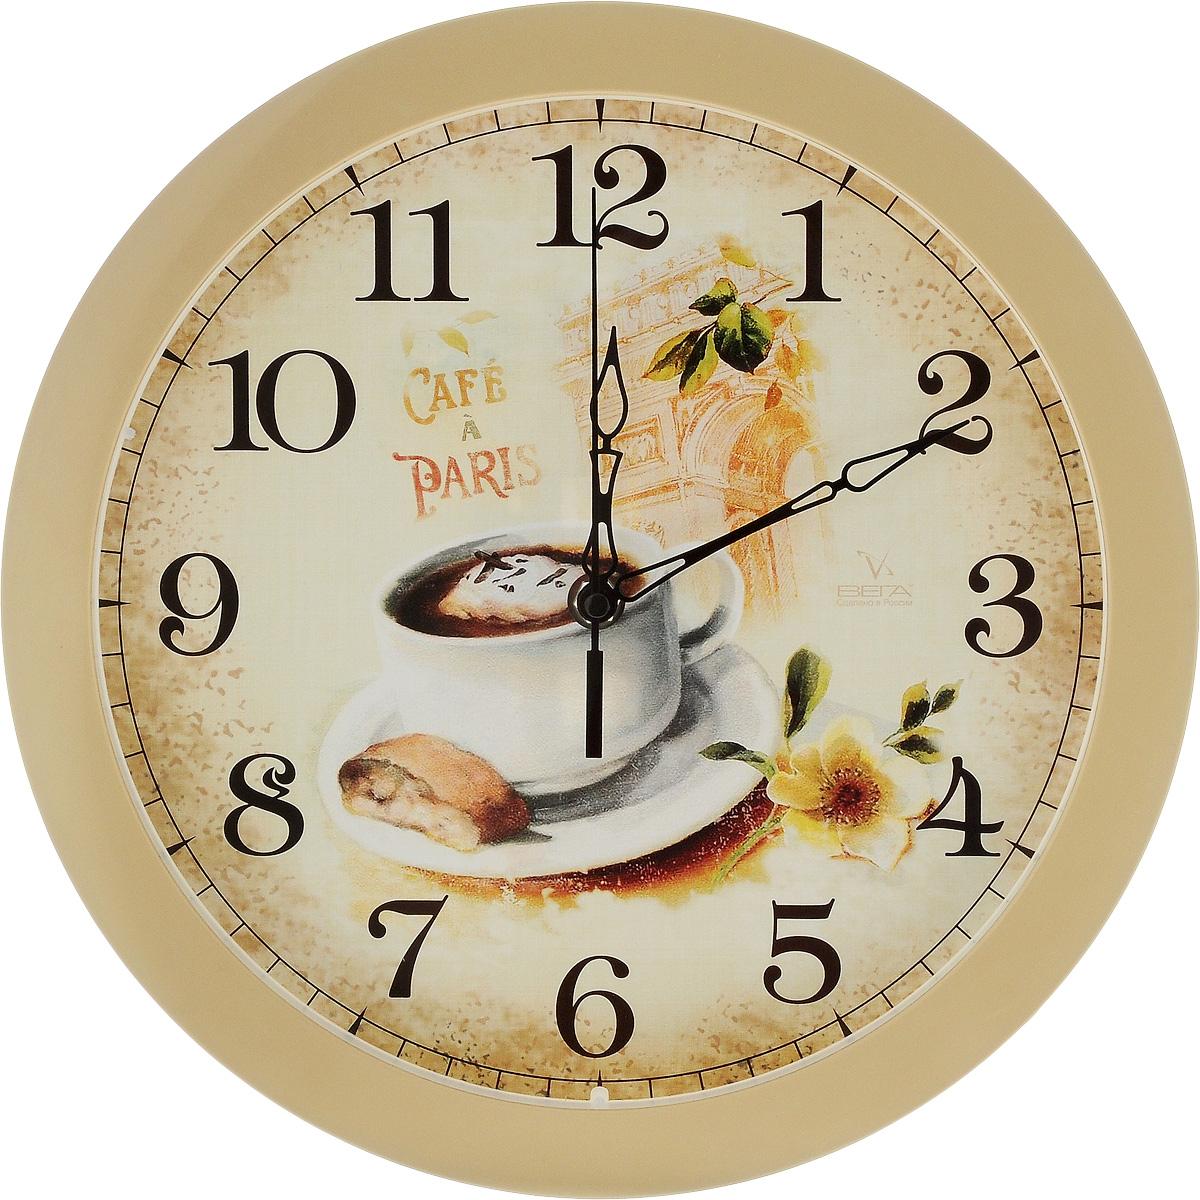 Часы настенные Вега Французский завтрак, диаметр 28,5 см54 009312Настенные кварцевые часы Вега Французский завтрак, изготовленные из пластика, прекрасно впишутся в интерьер вашего дома. Часы имеют три стрелки: часовую, минутную и секундную, циферблат защищен прозрачным стеклом. Часы работают от 1 батарейки типа АА напряжением 1,5 В (не входит в комплект).Диаметр часов: 28,5 см.